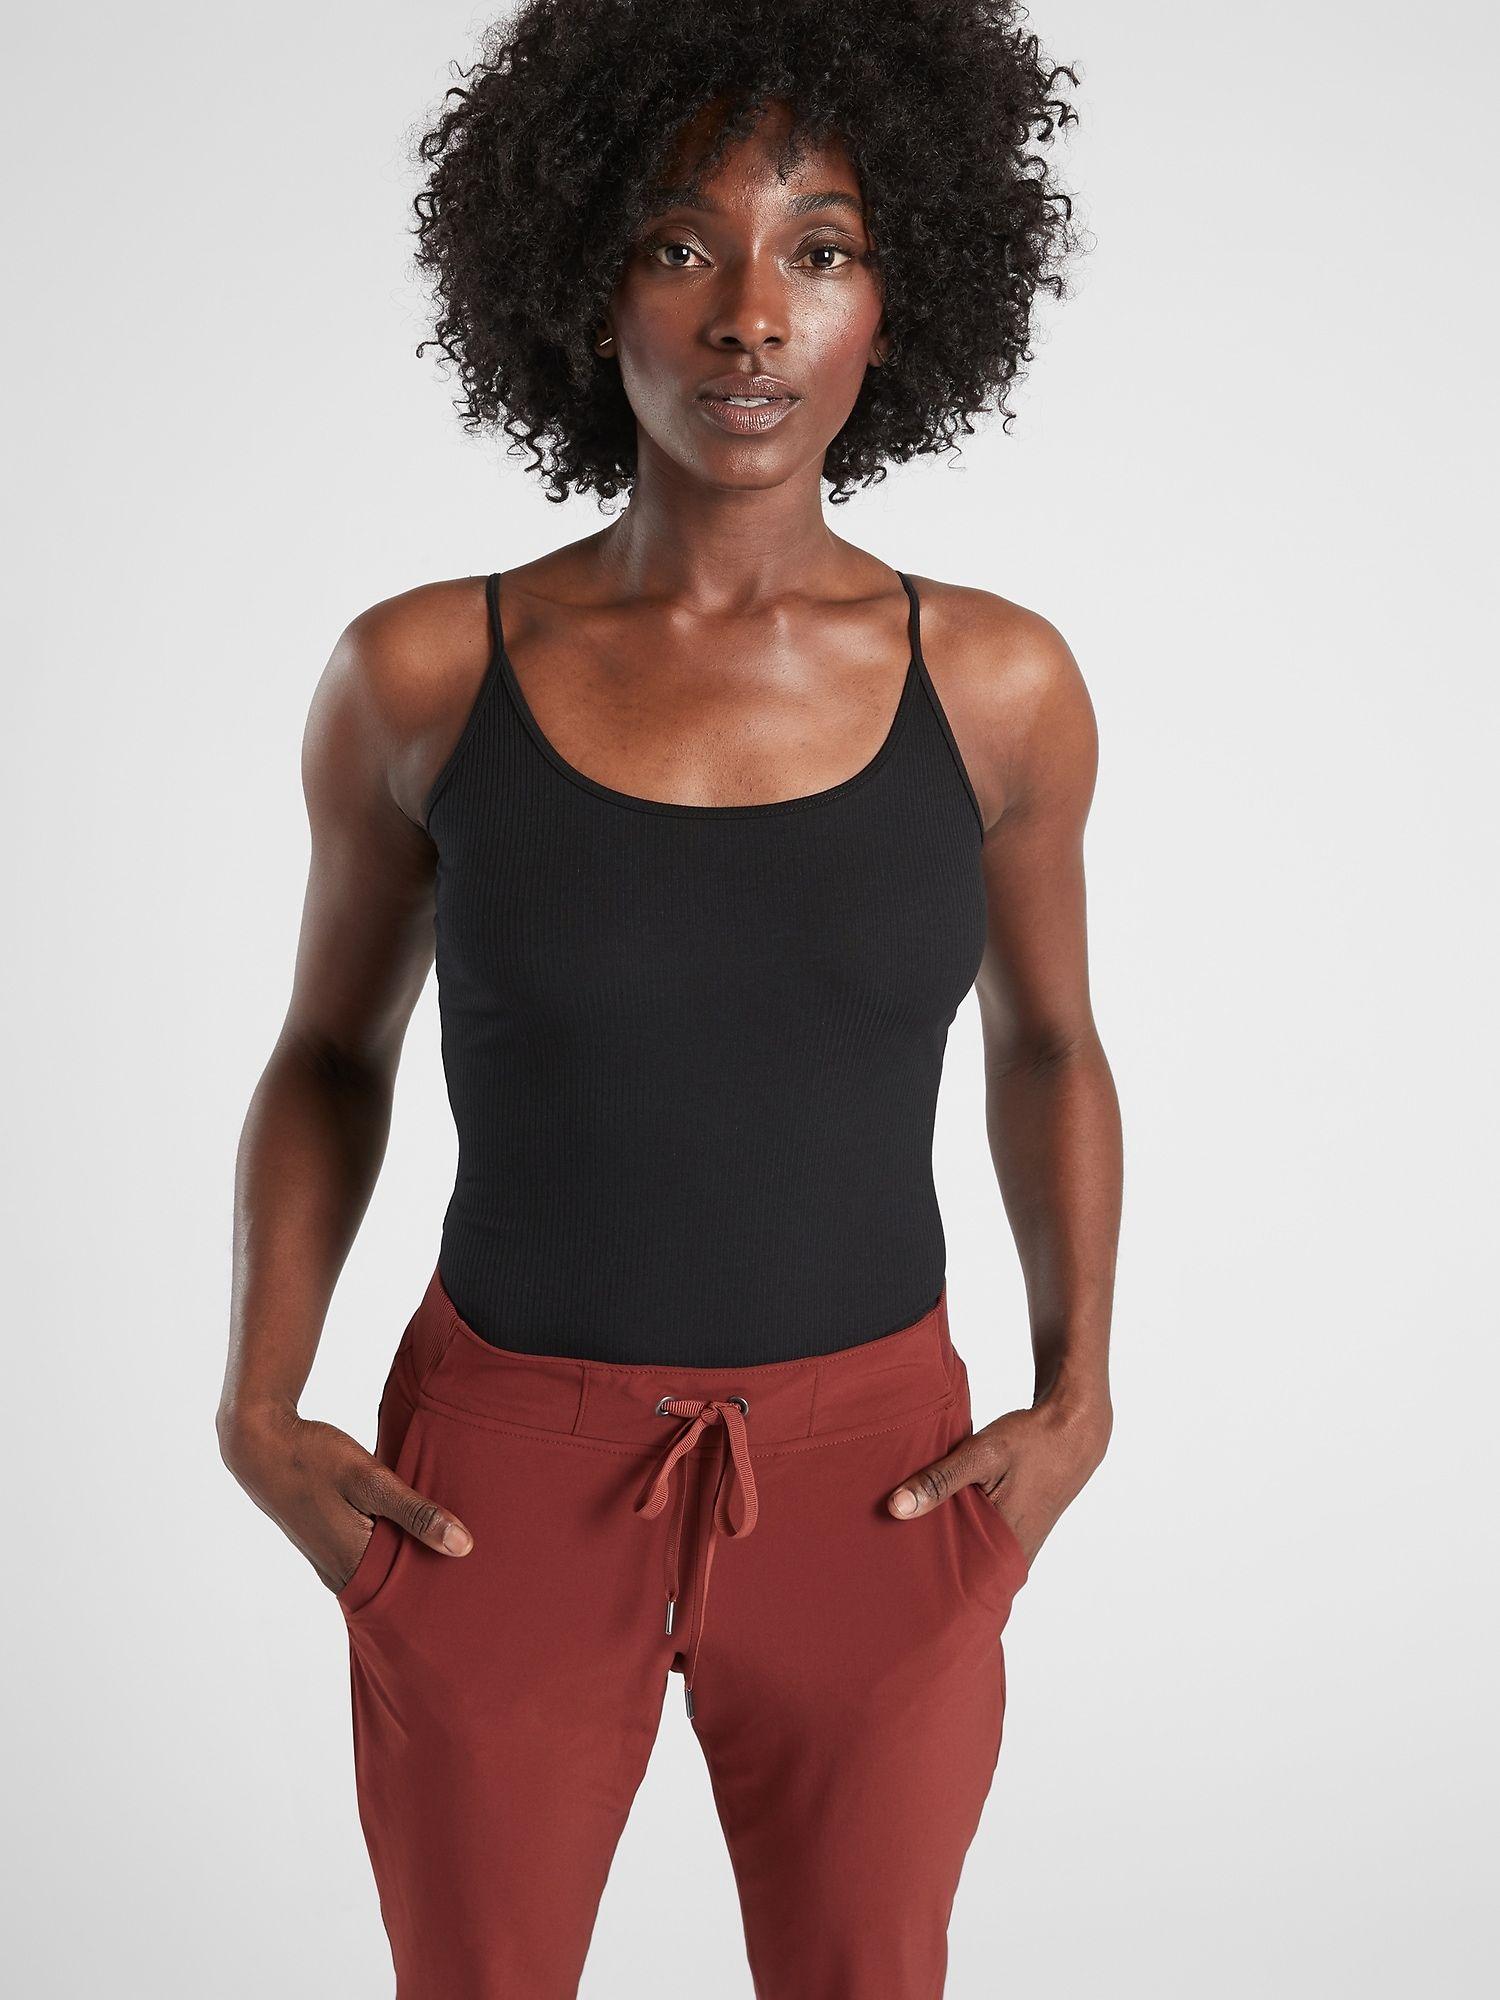 Essence Strappy Bodysuit Black bodysuit, Bodysuit, Strappy